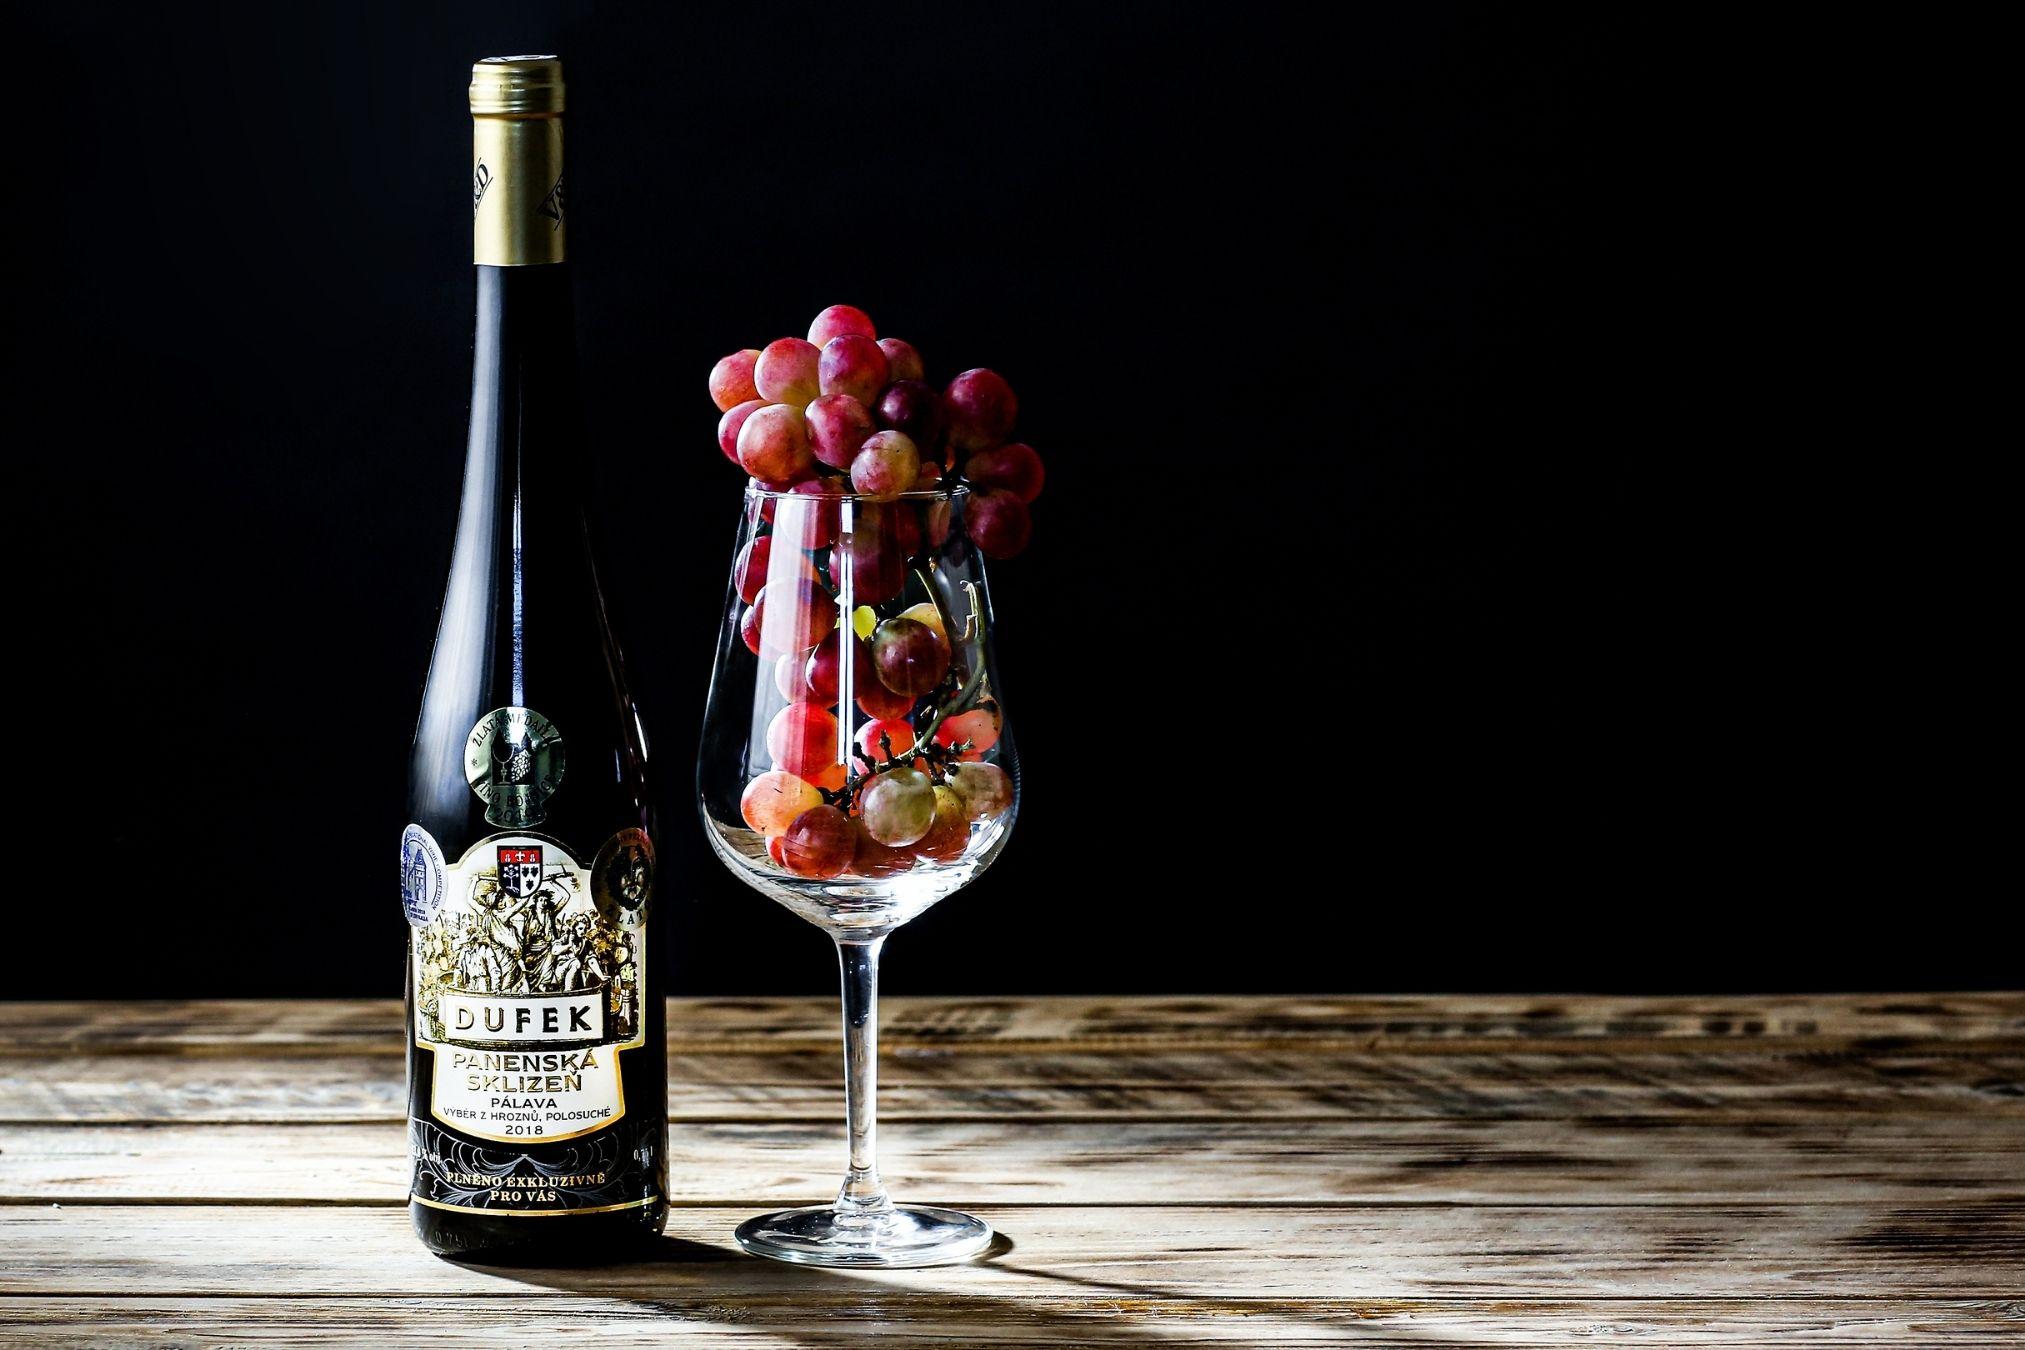 Postup výroby vína